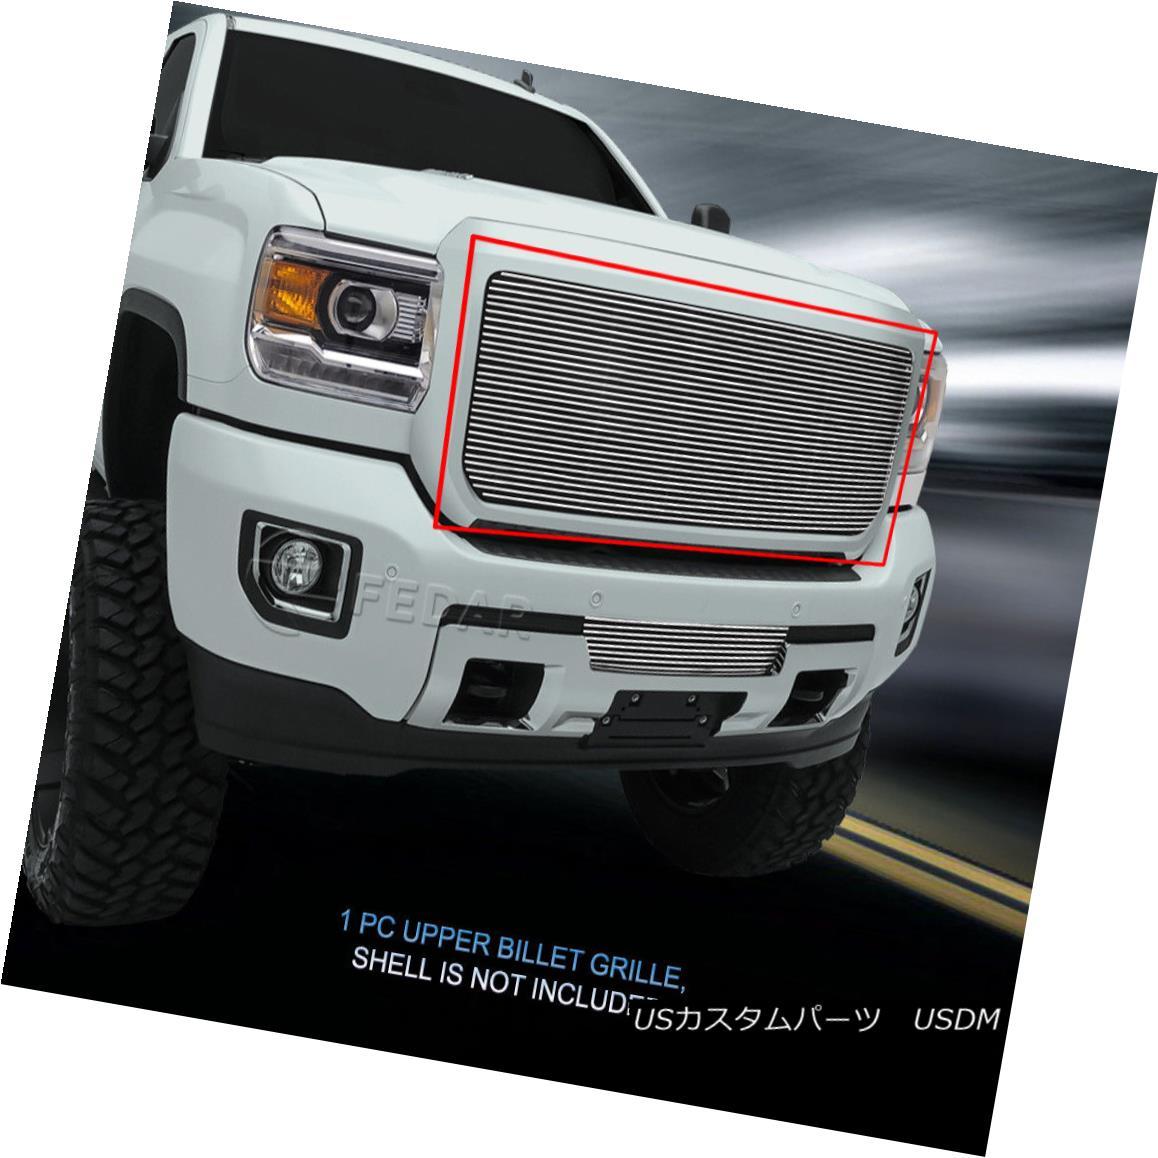 グリル Fedar Fits 2015-2017 GMC Sierra 2500HD/3500HD Chrome BoltOn Upper Billet Grille Fedarフィット2015-2017 GMC Sierra 2500HD / 3500HDクロムBoltOnアッパービレットグリル